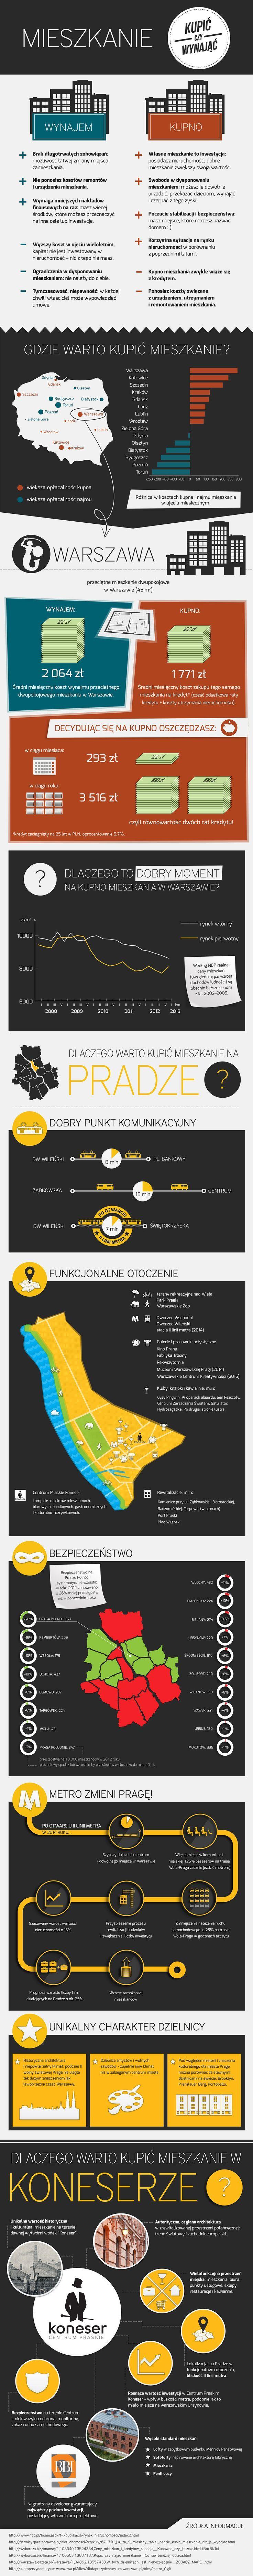 Mieszkanie: kupić czy wynająć? #Warszawa #Warsaw #Polska #Poland #infographic #buy #rent